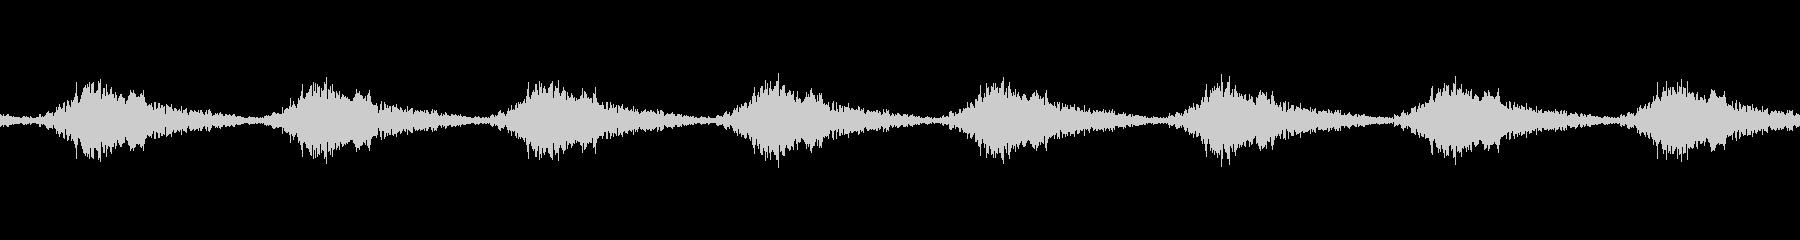 工場機械の反復音(ループ仕様)の未再生の波形